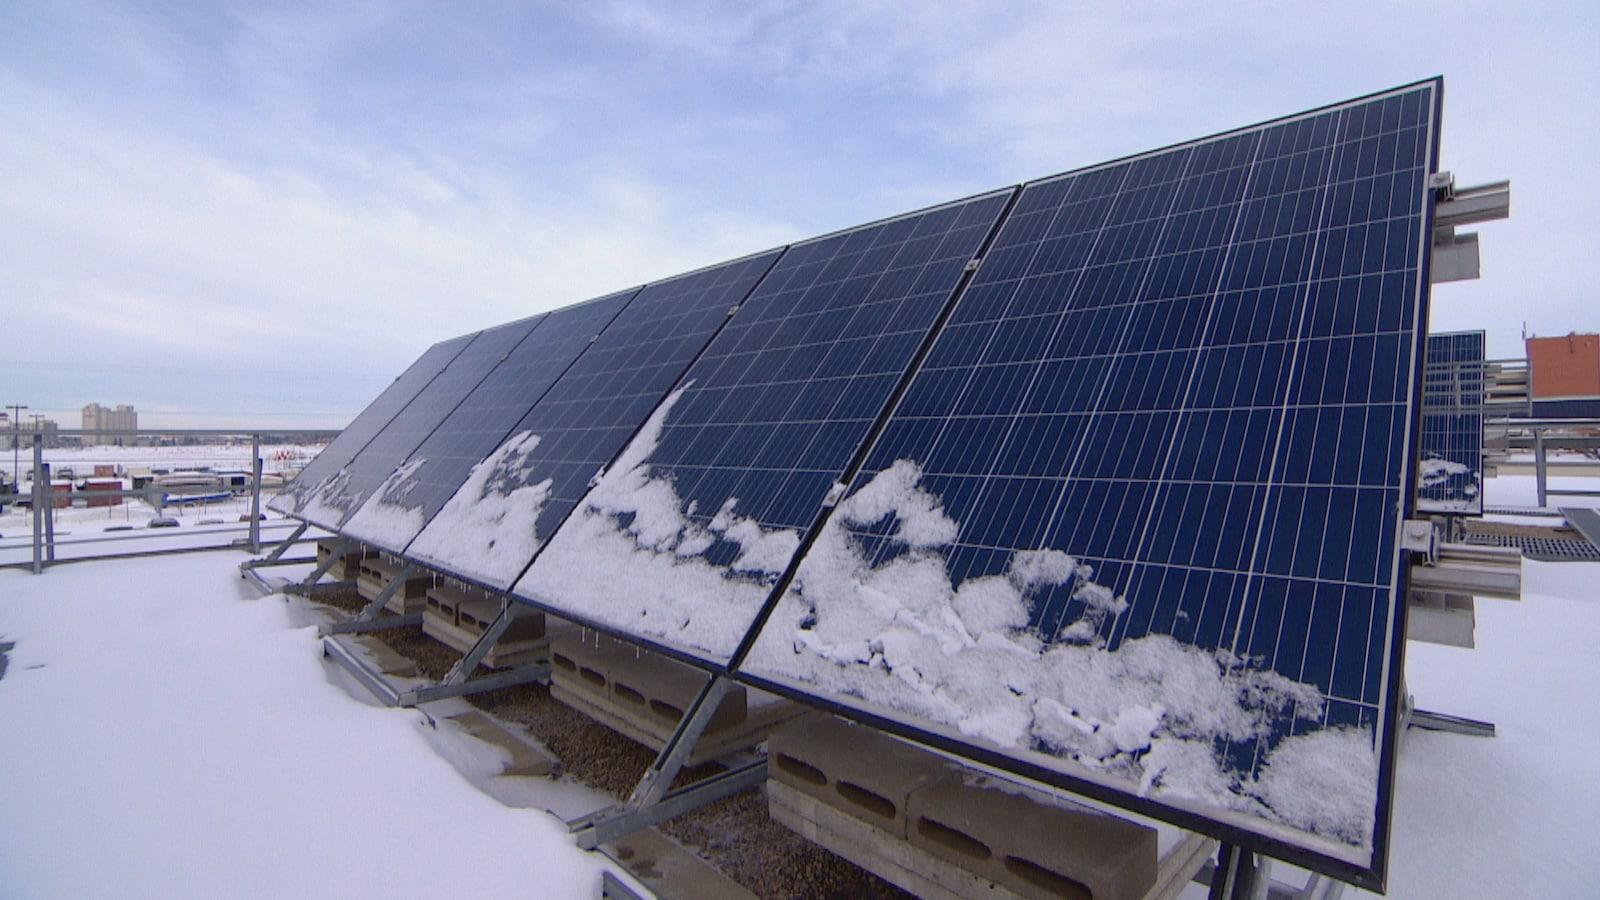 Des panneaux solaires sont installés de biais. Il y a de la neige dessus et autour.